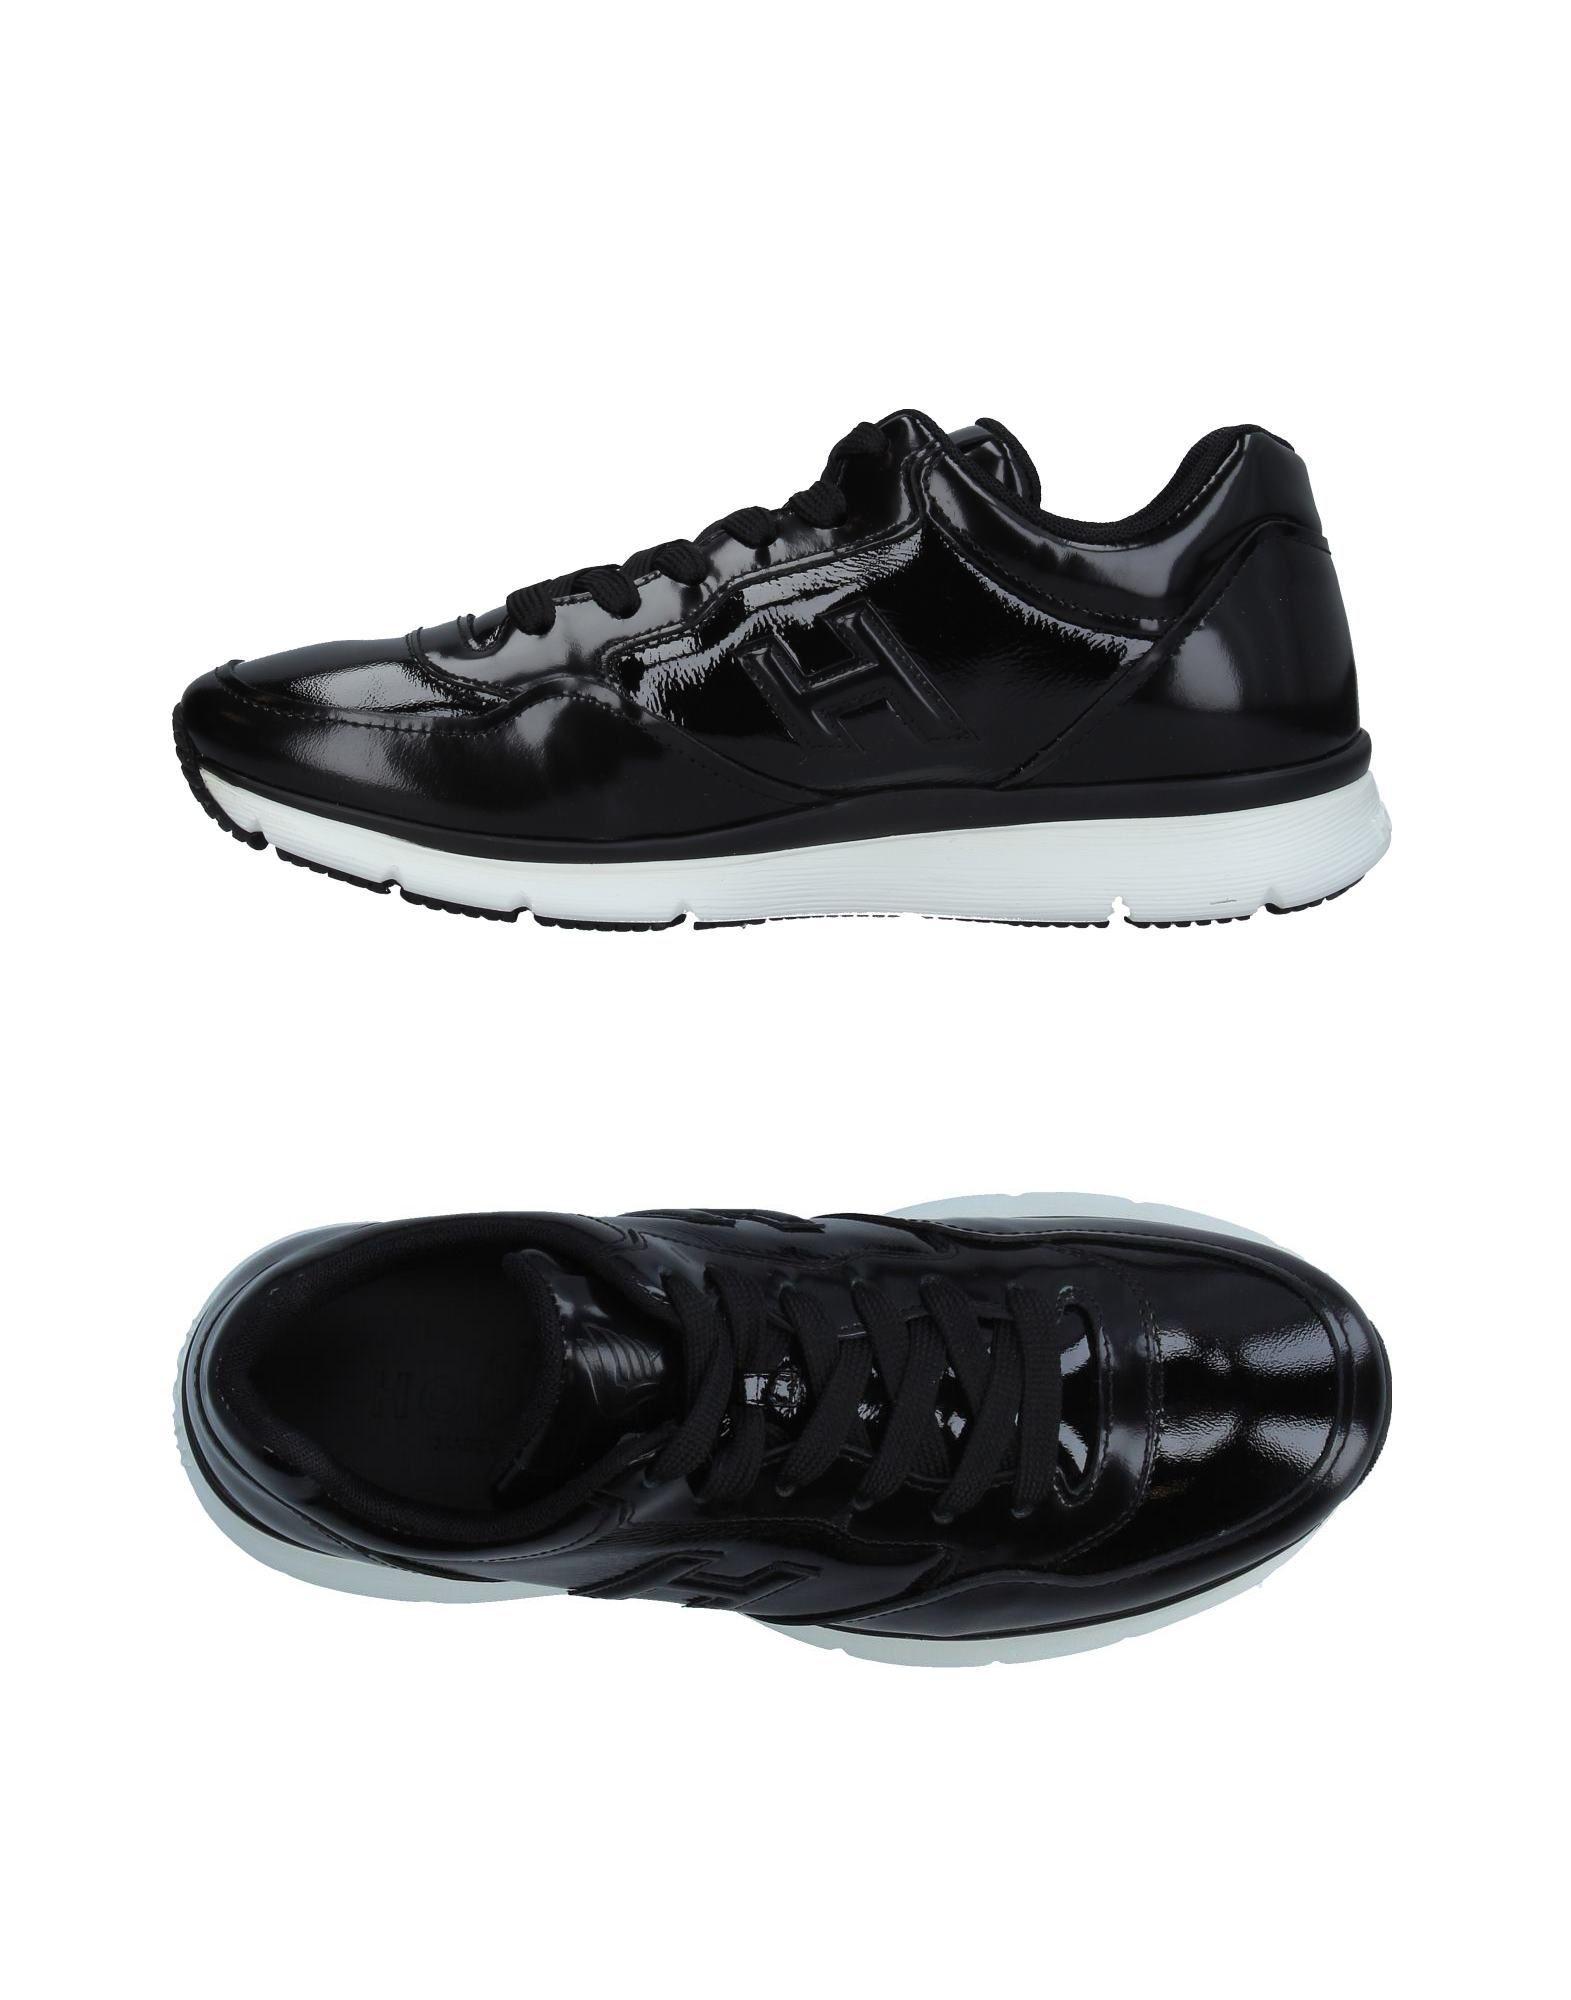 Hogan Sneakers Schuhe Herren  11291580KW Heiße Schuhe Sneakers 5623c3